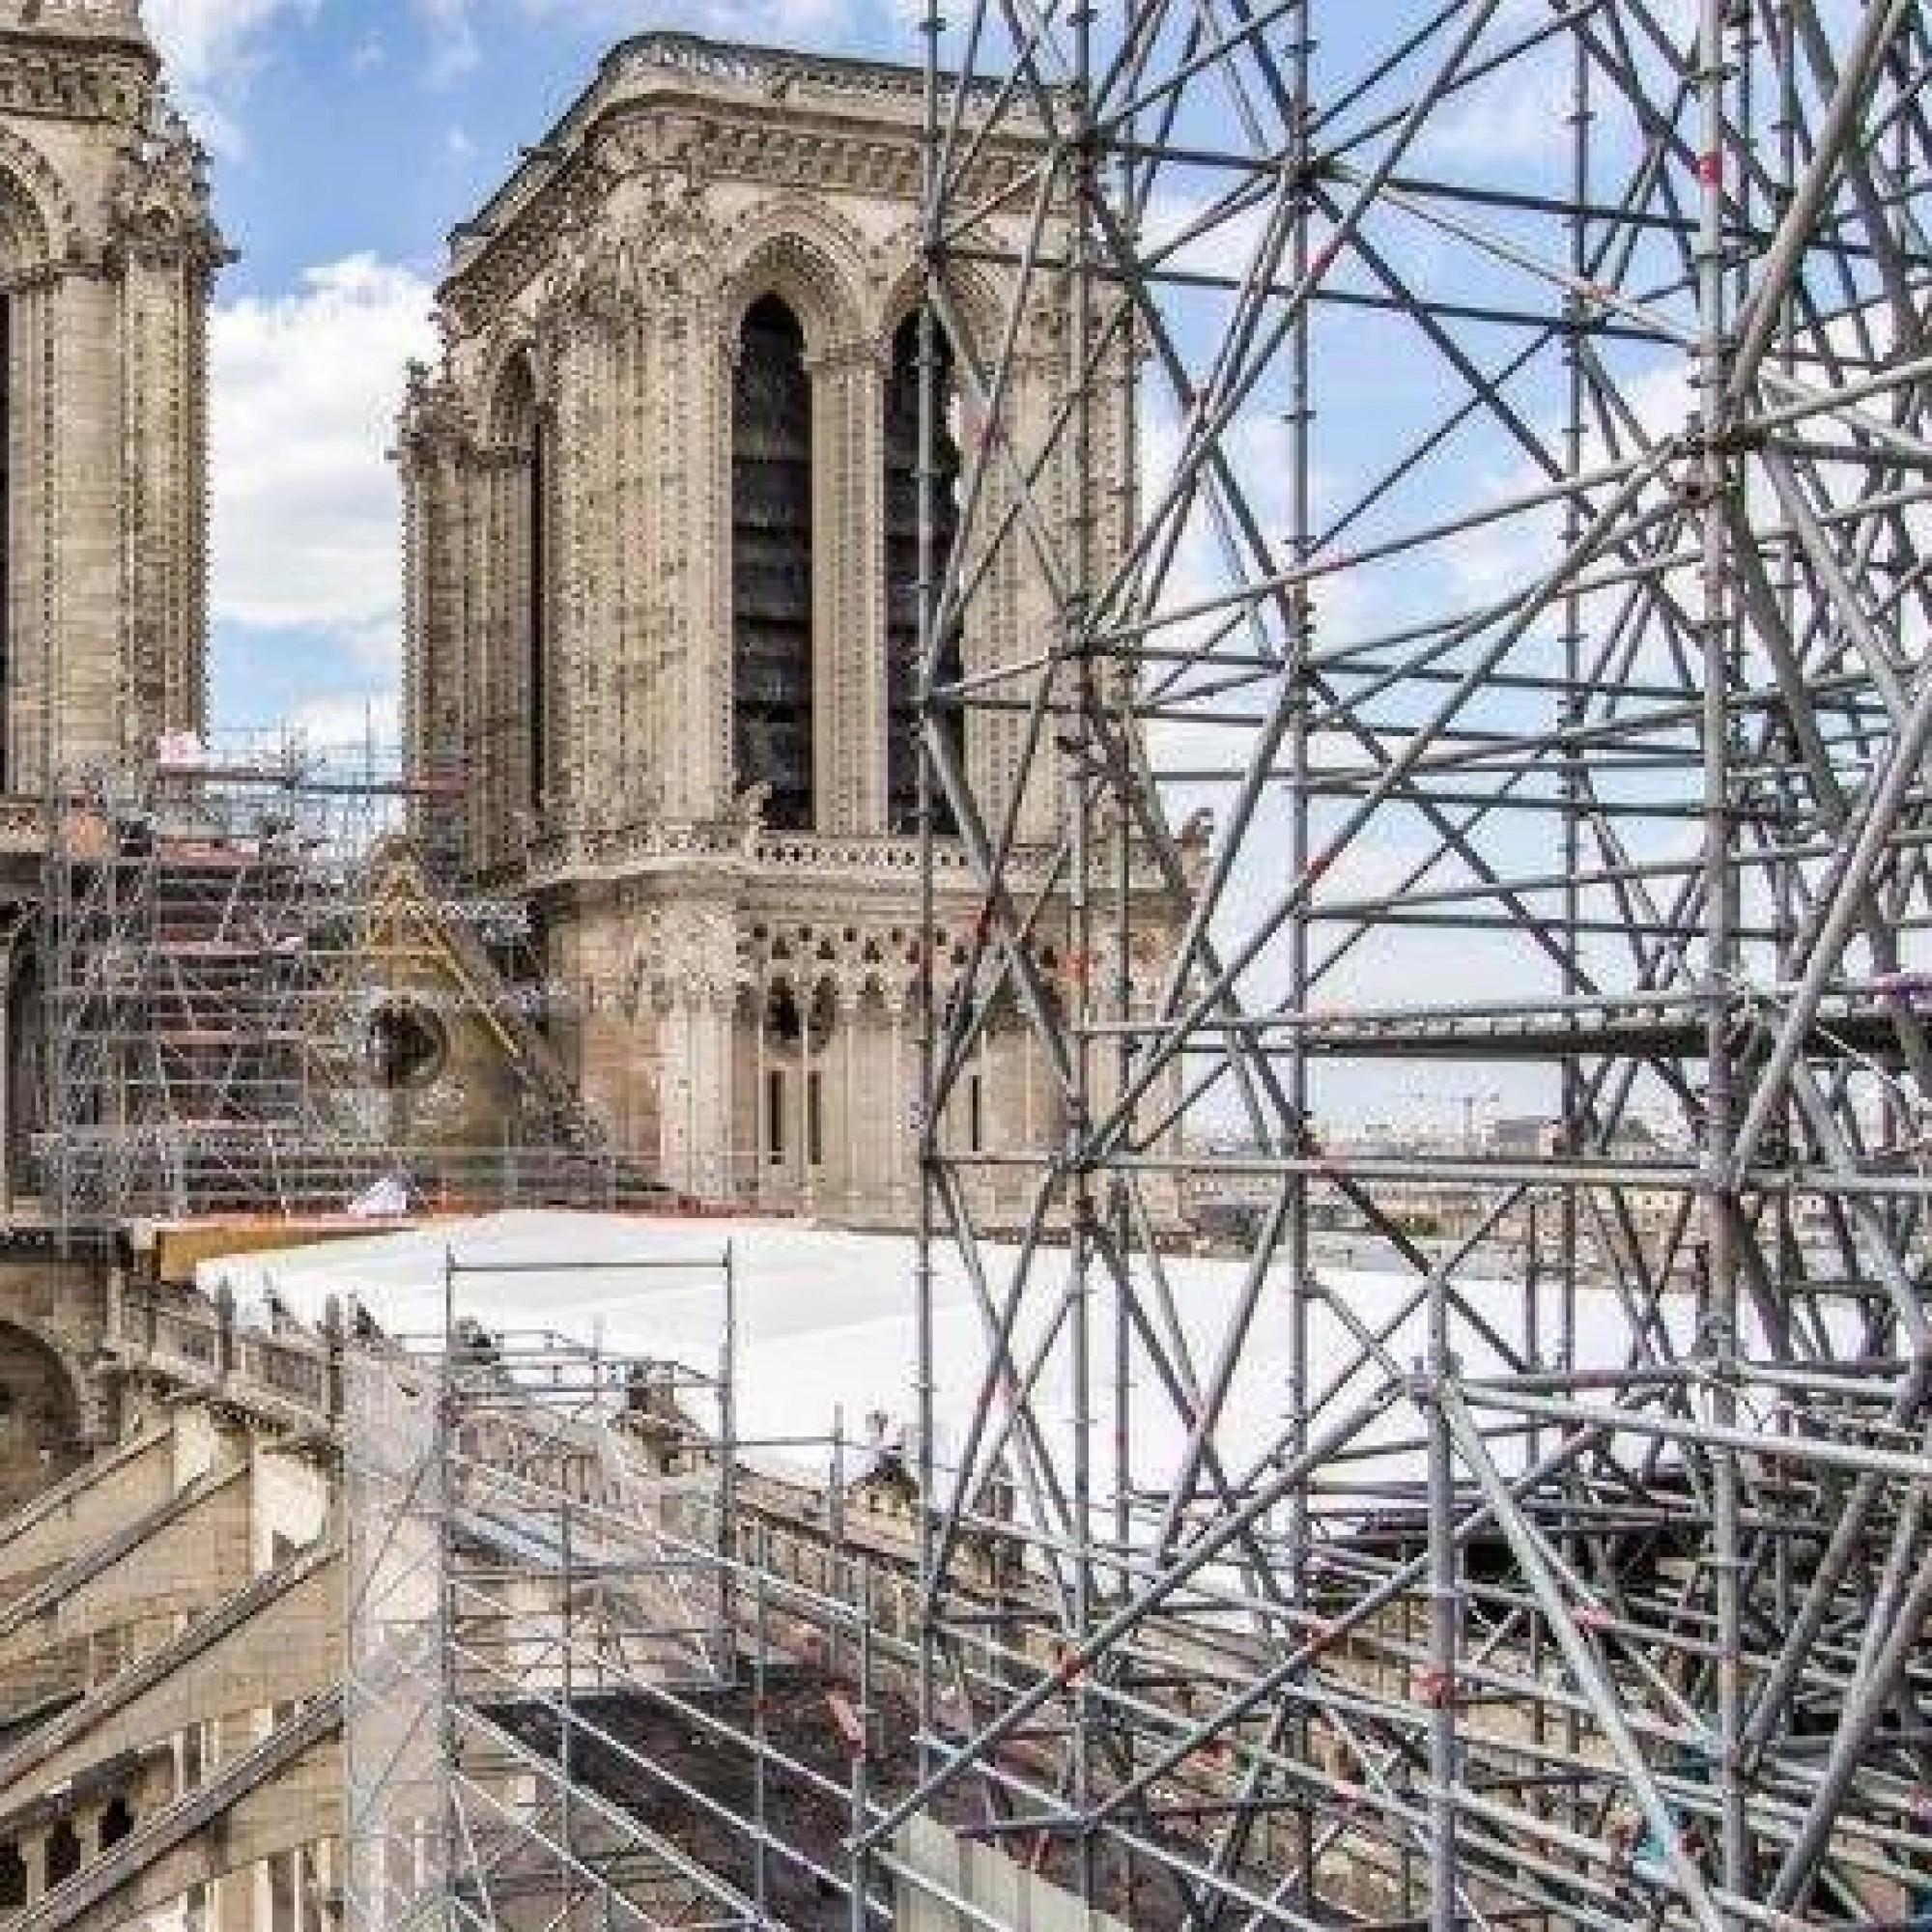 La tenue des délais fixés pour la fin de cet important chantier patrimonial qu'est Notre-Dame de Paris se complique avec la crise sanitaire et le manque de pierres de carrière.